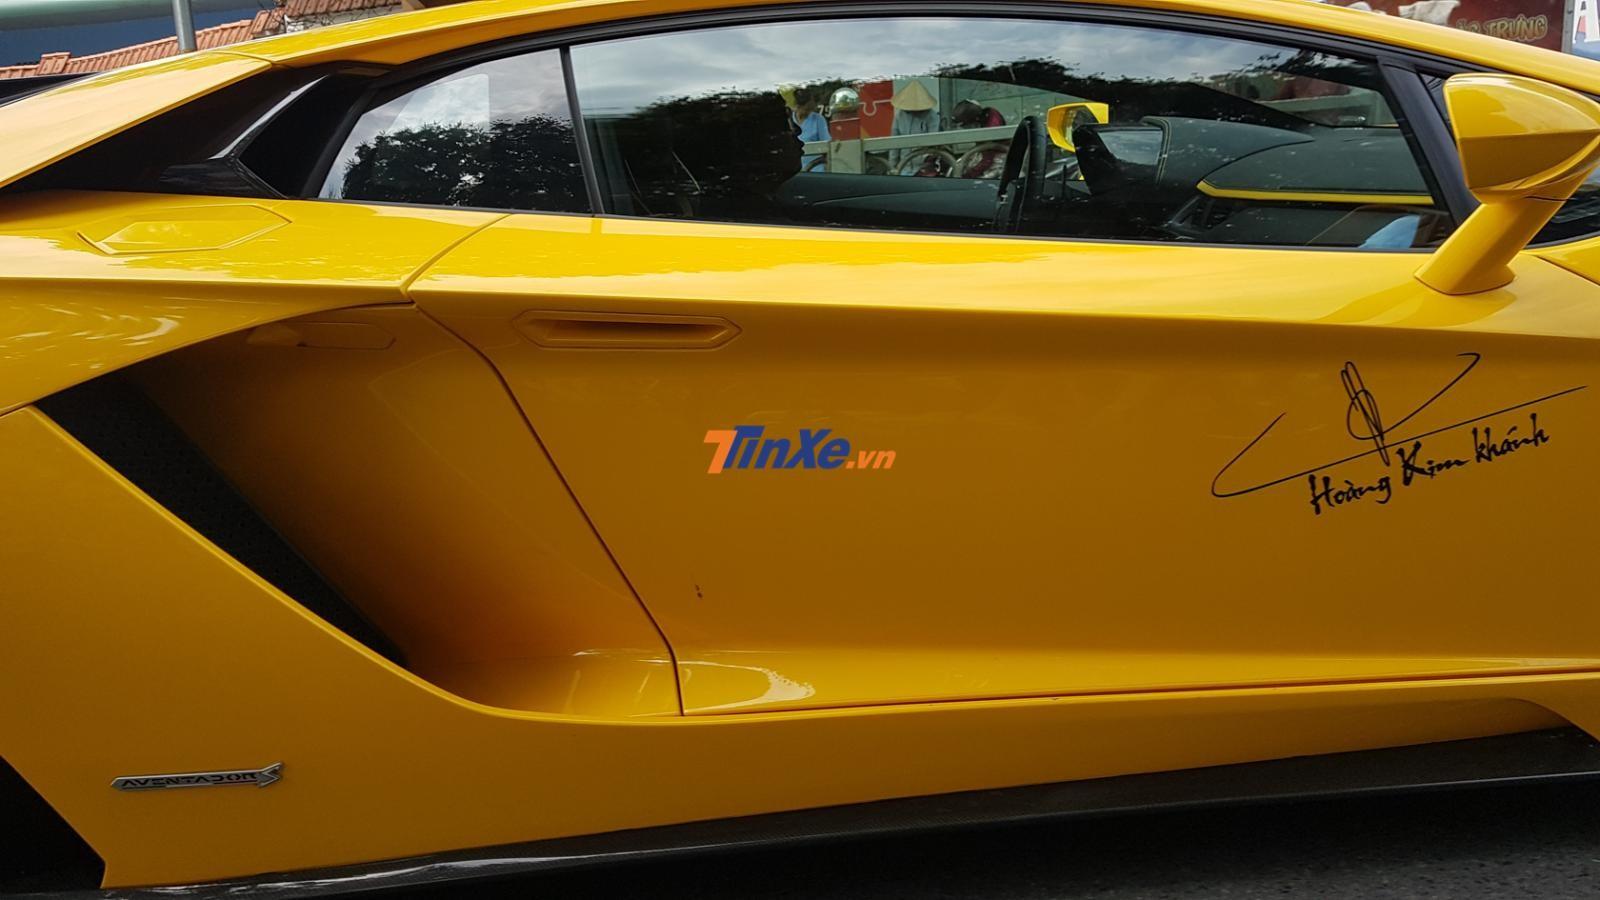 Chữ ký và tên của chủ nhân chiếc siêu xe Lamborghini Aventador S LP740-4 xuất hiện bên hông xe